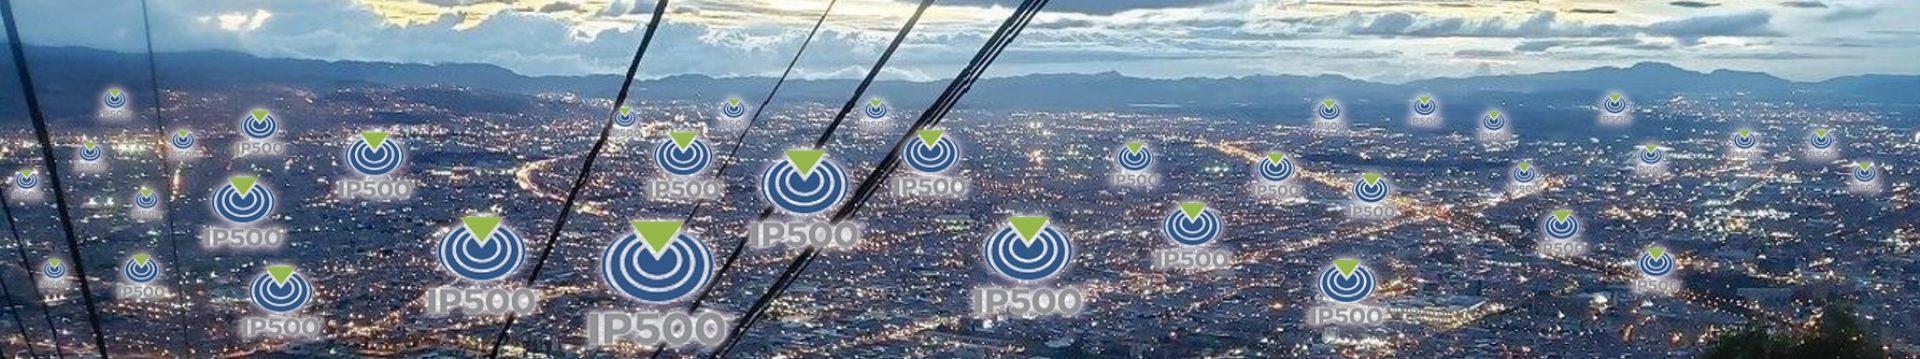 IP500® IoT summit